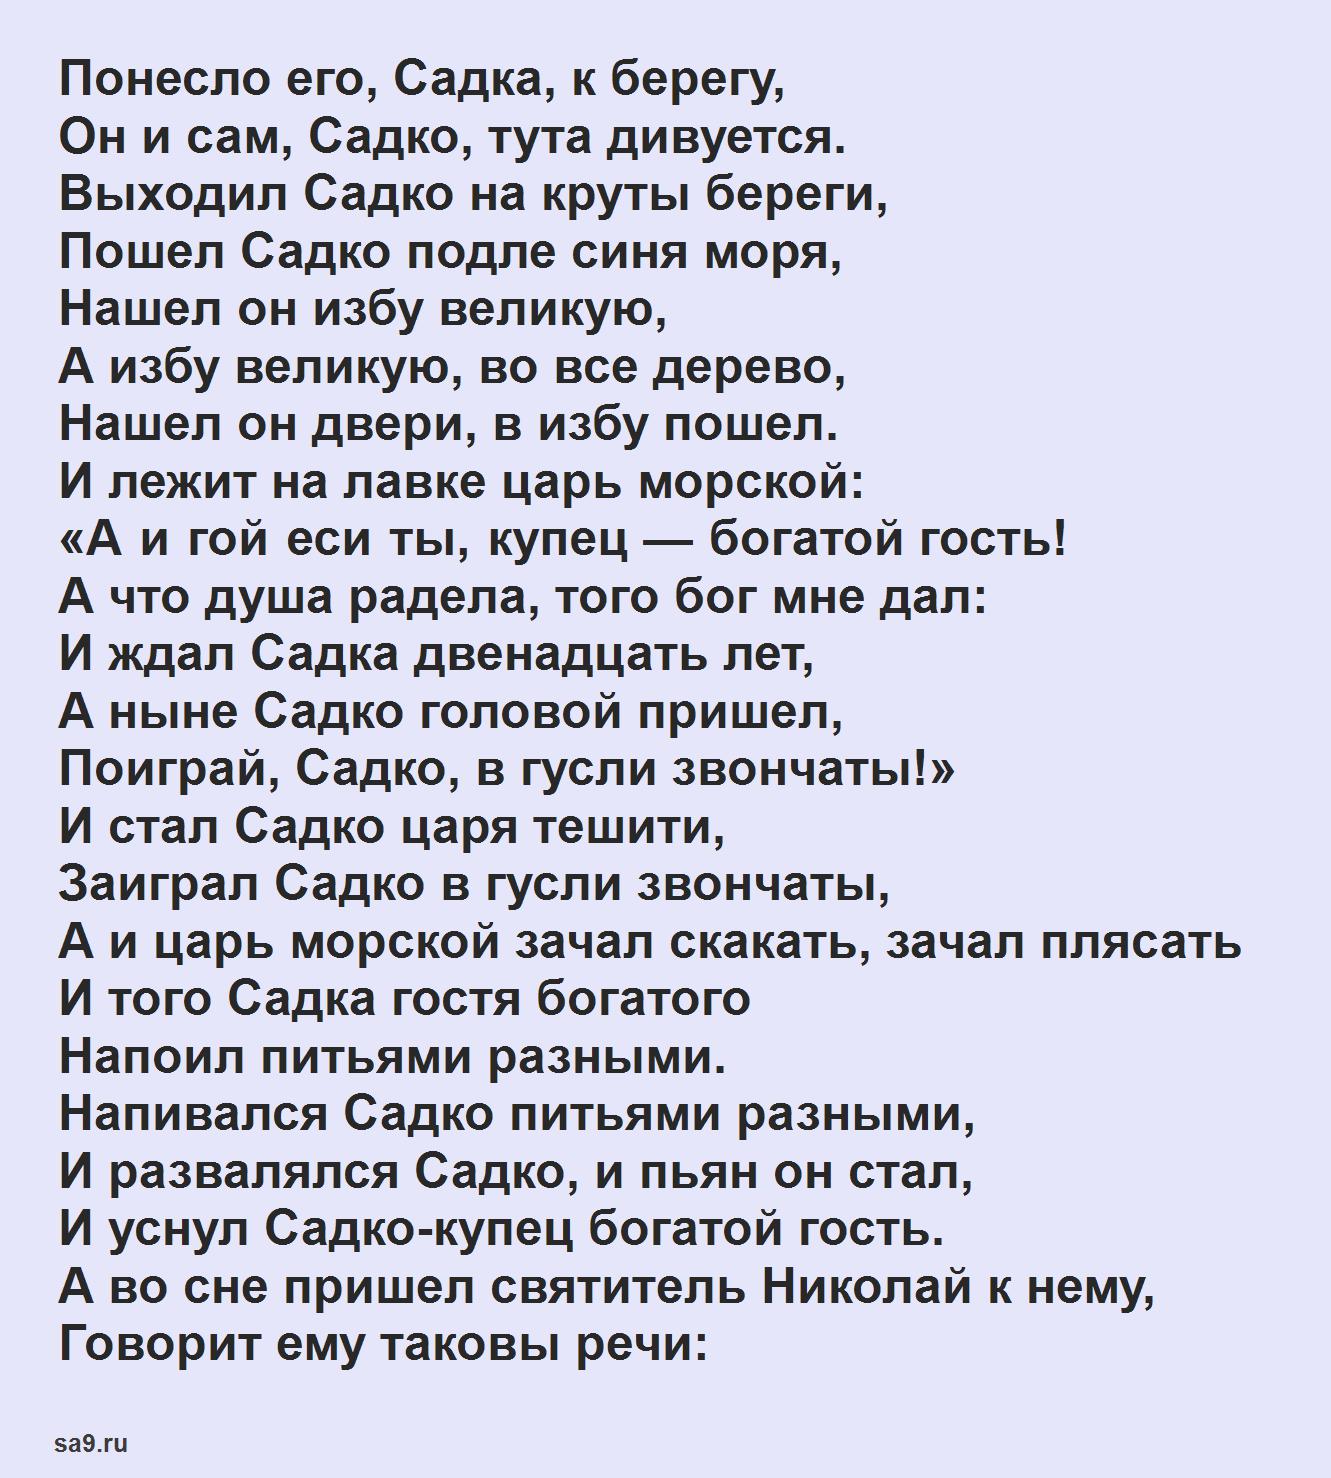 Читать русскую народную былину - Садков корабль стал на море